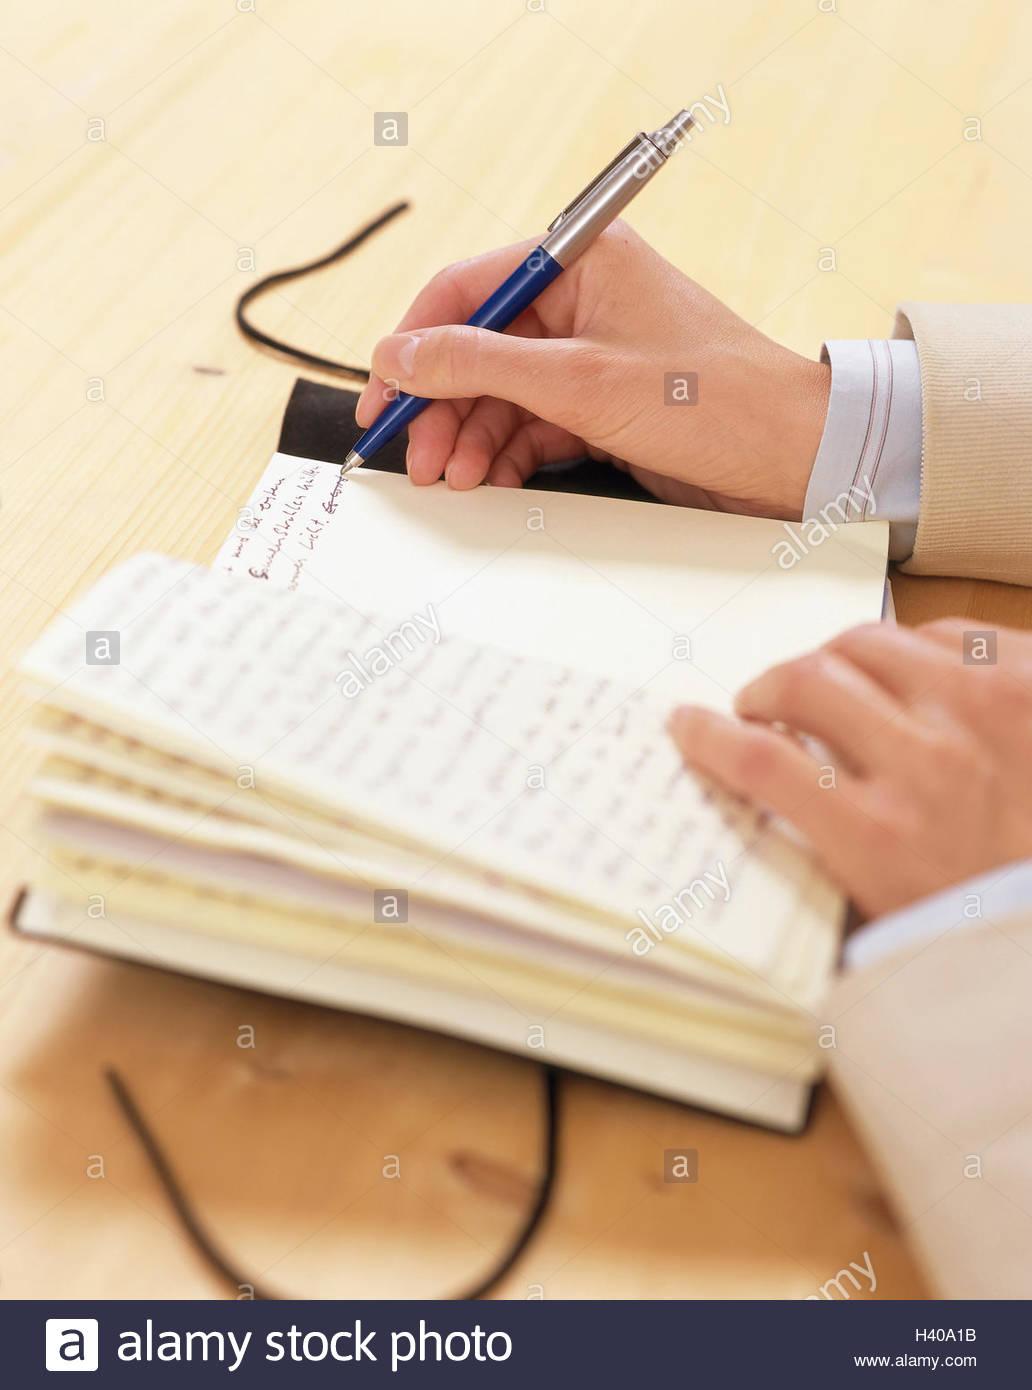 femme  d u00e9tail  des mains  un stylo  un journal intime   u00e9crire  women u0026 39 s hands  score  sont cit u00e9s